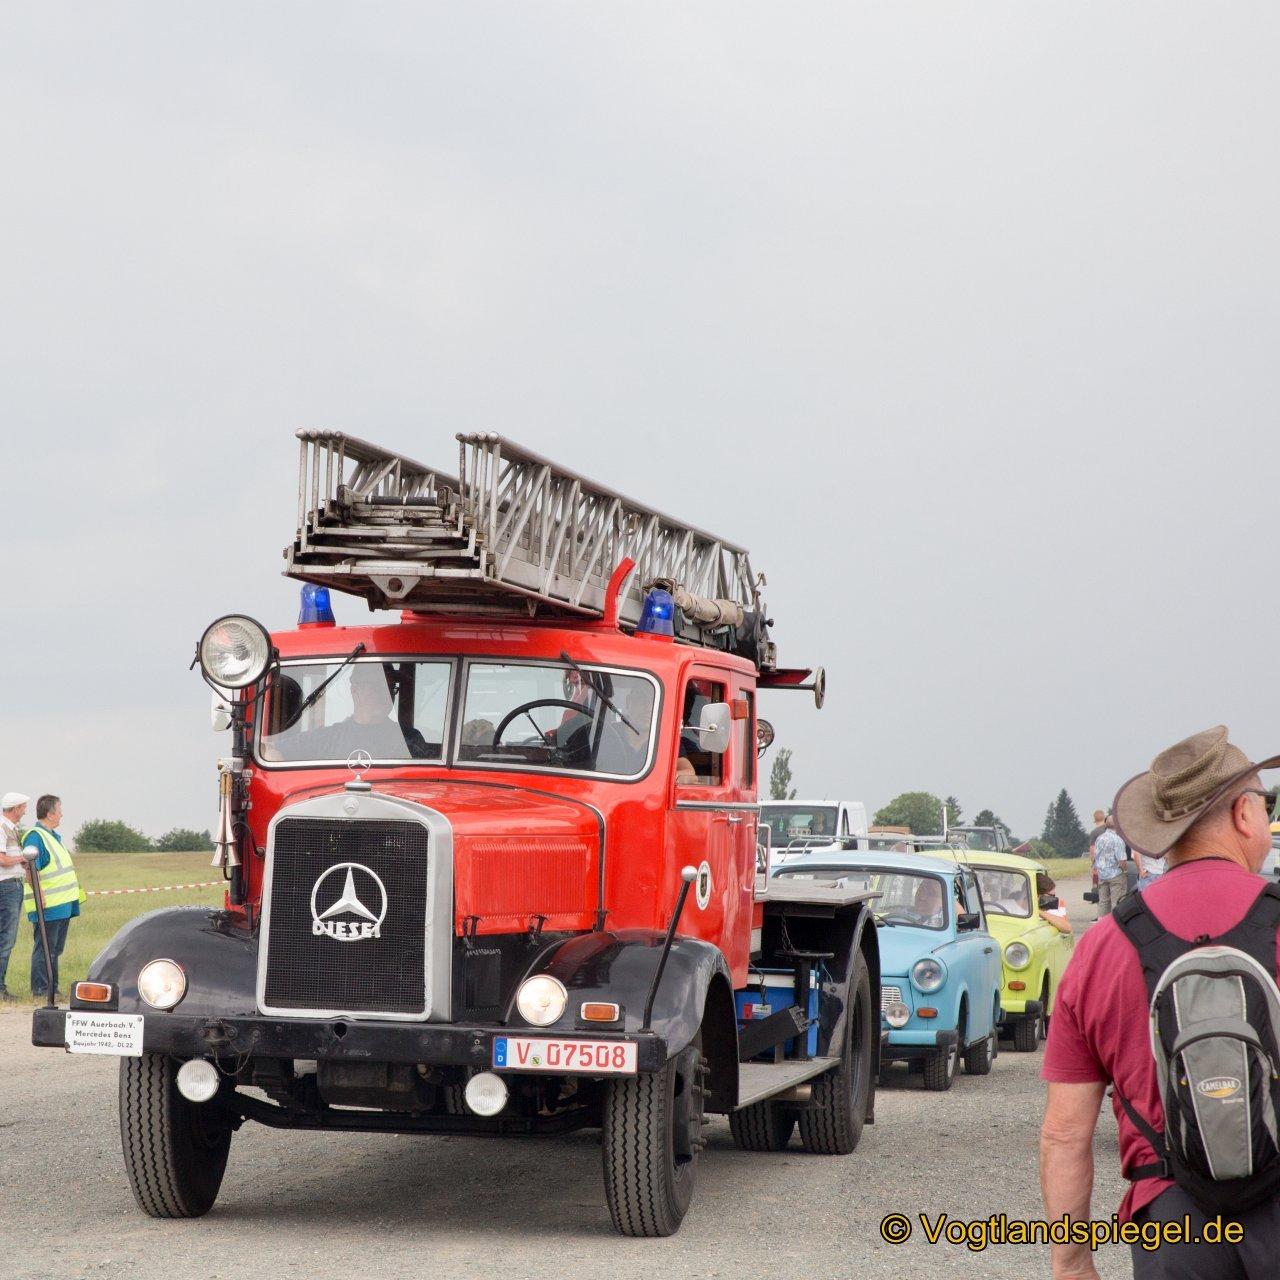 Der Greizer Bürgermeister Alexander Schulze startete die Oldtimer-Ausfahrt mit ca. 57 km durch unser schönes Vogtland mit einer DDR Flagge bei den 1. Ostfahrzeugtreffen auf dem Flugplatz Greiz-Obergrochlitz